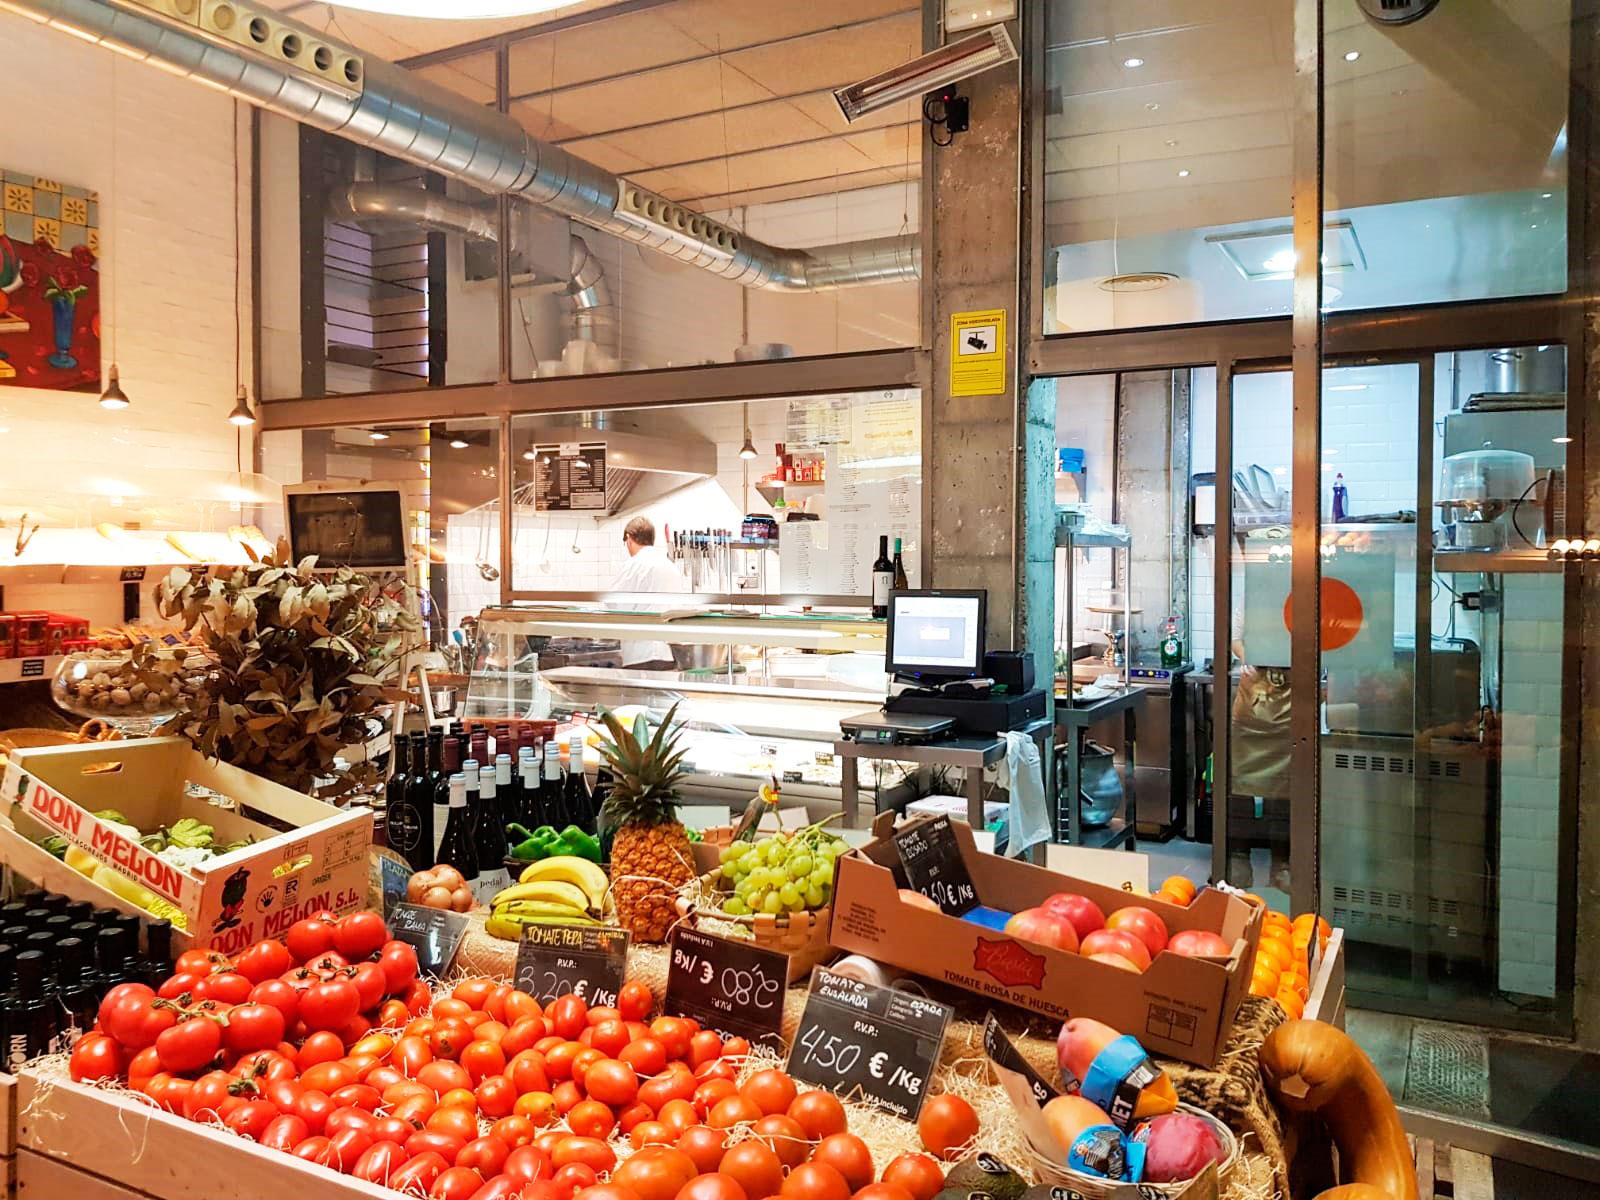 reforma de cocina reforma en local comercial en Aravaca